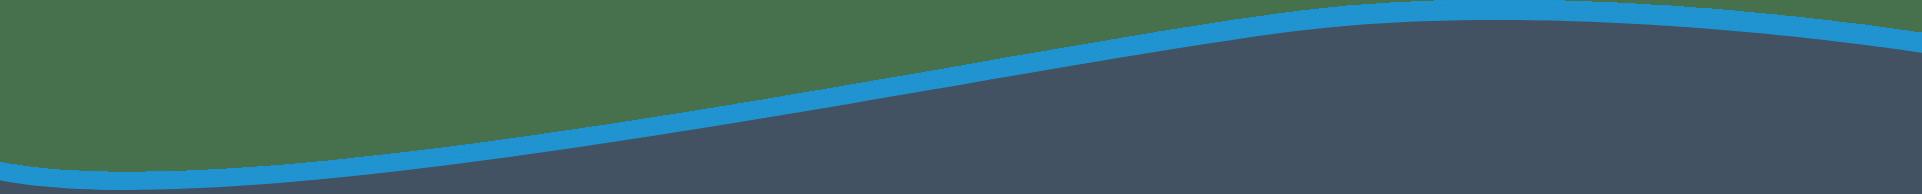 blue wave divider